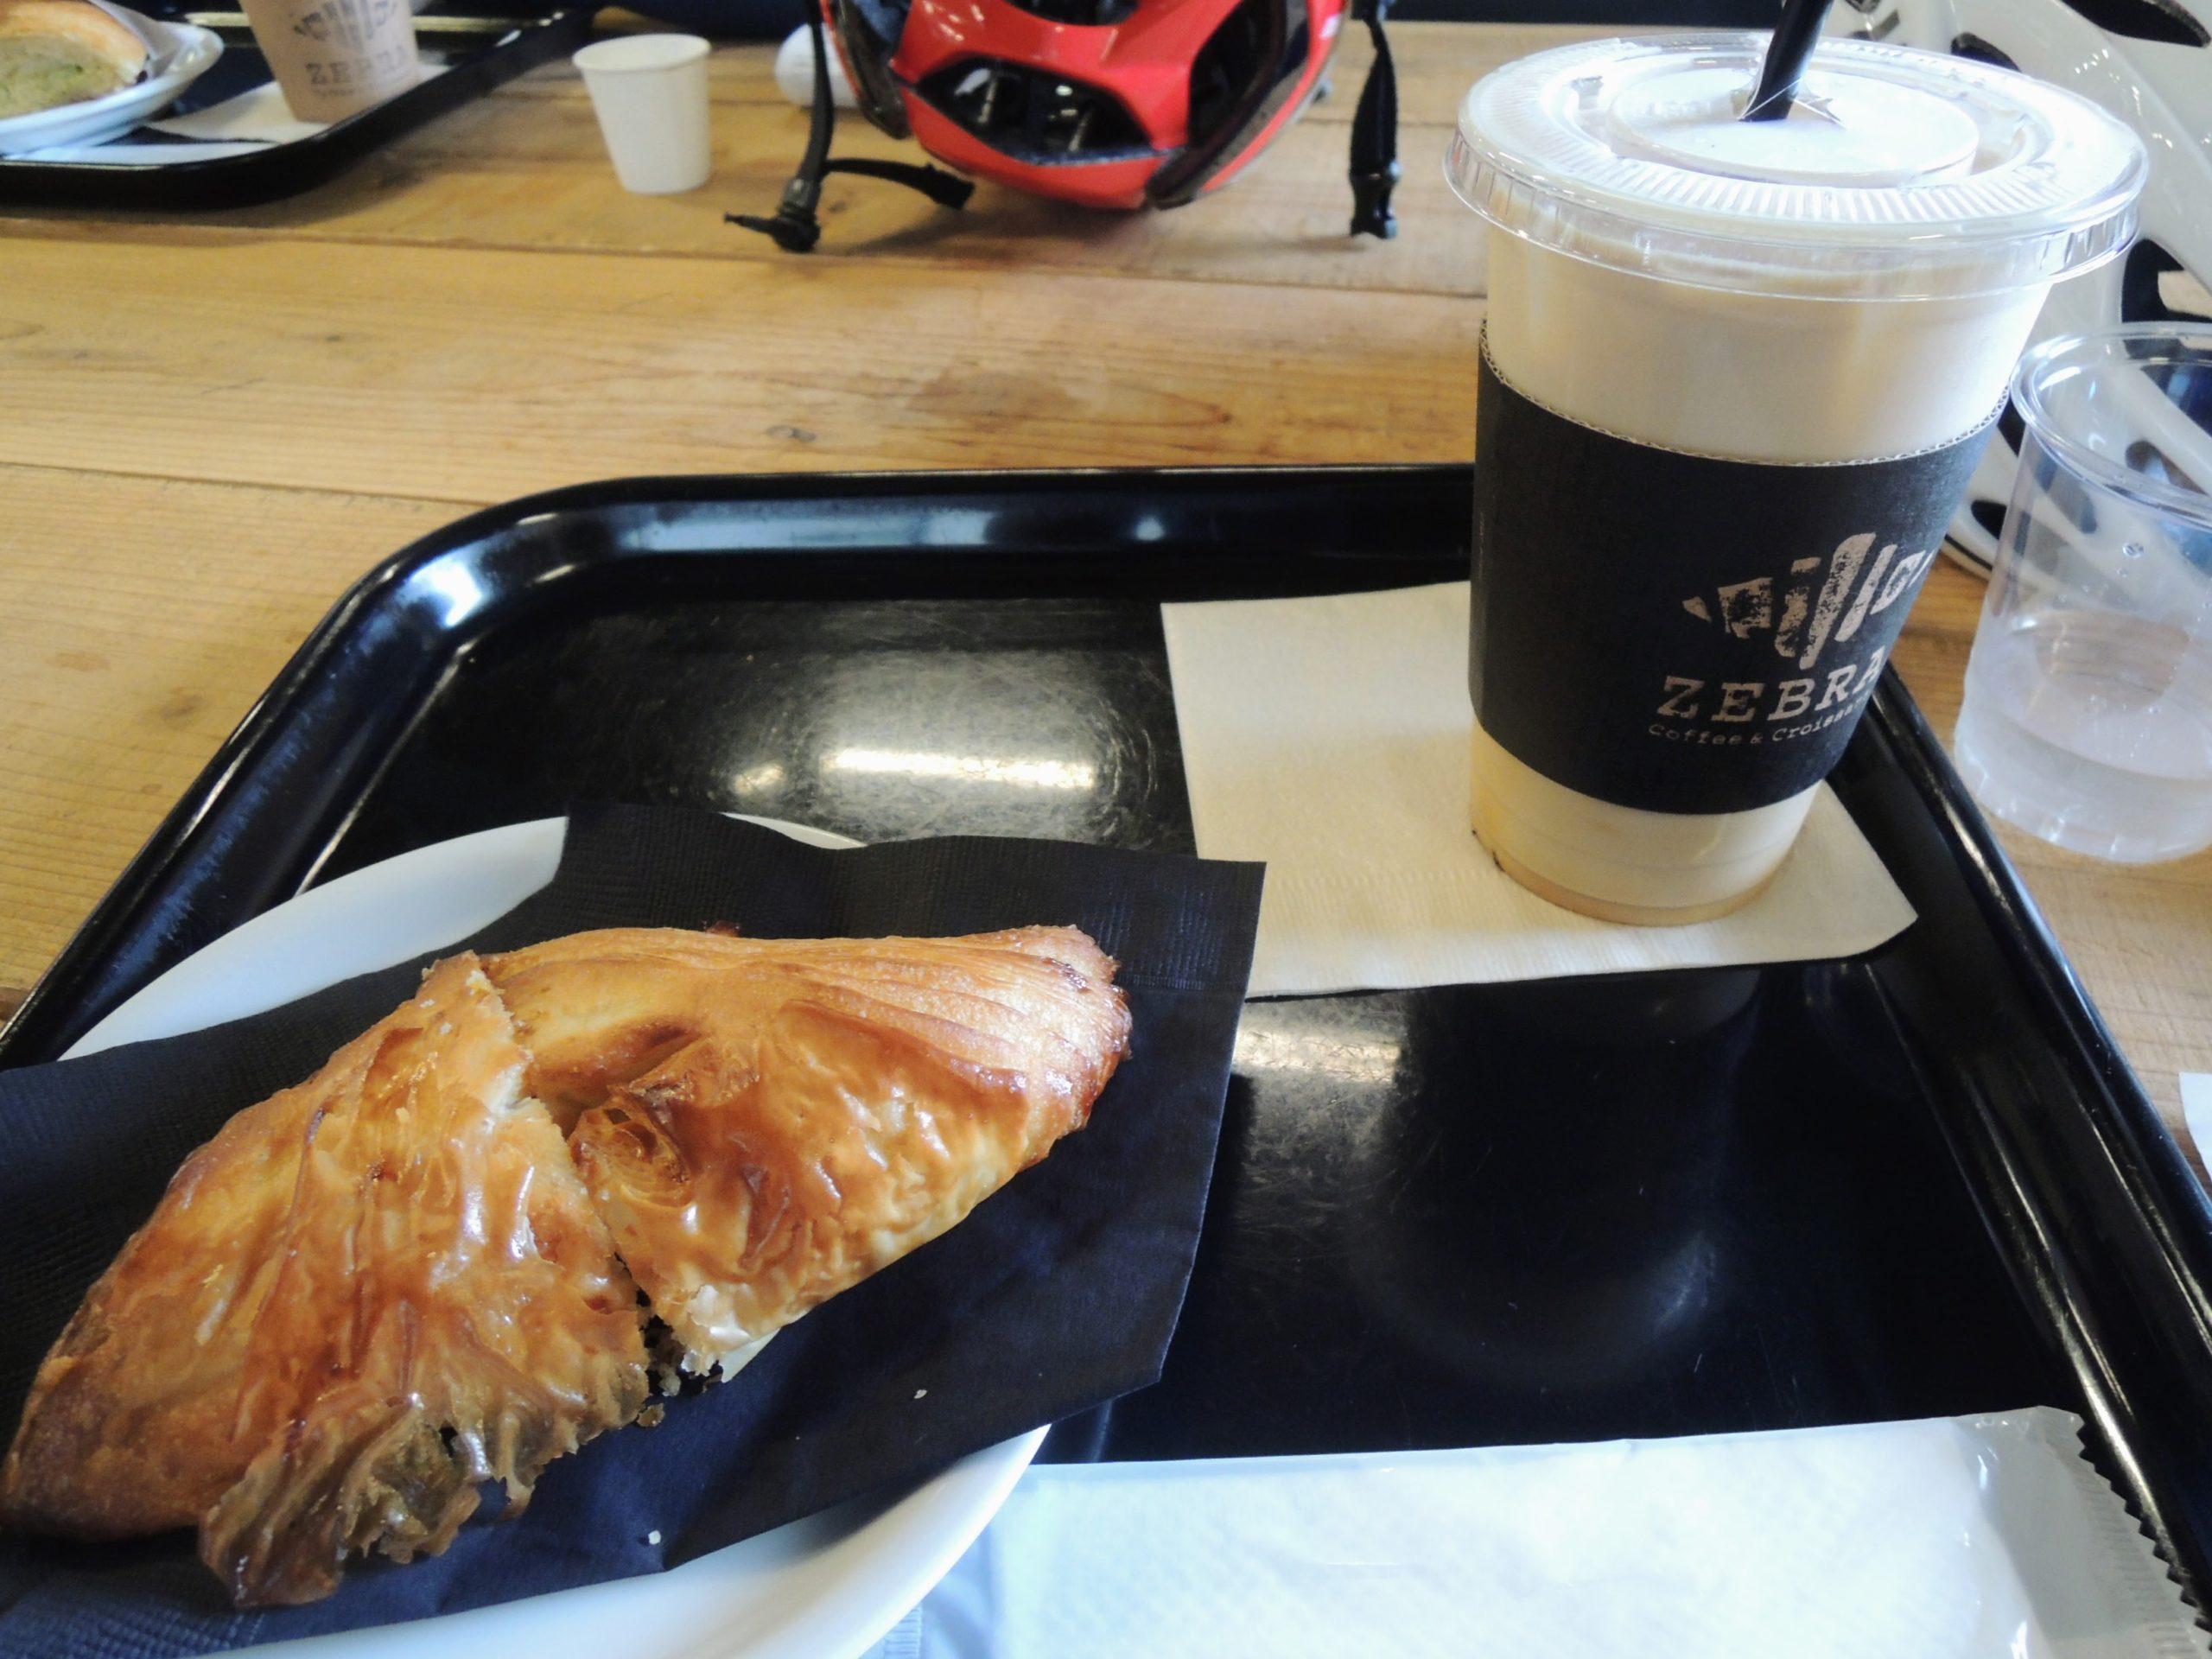 ゼブラコーヒーにて